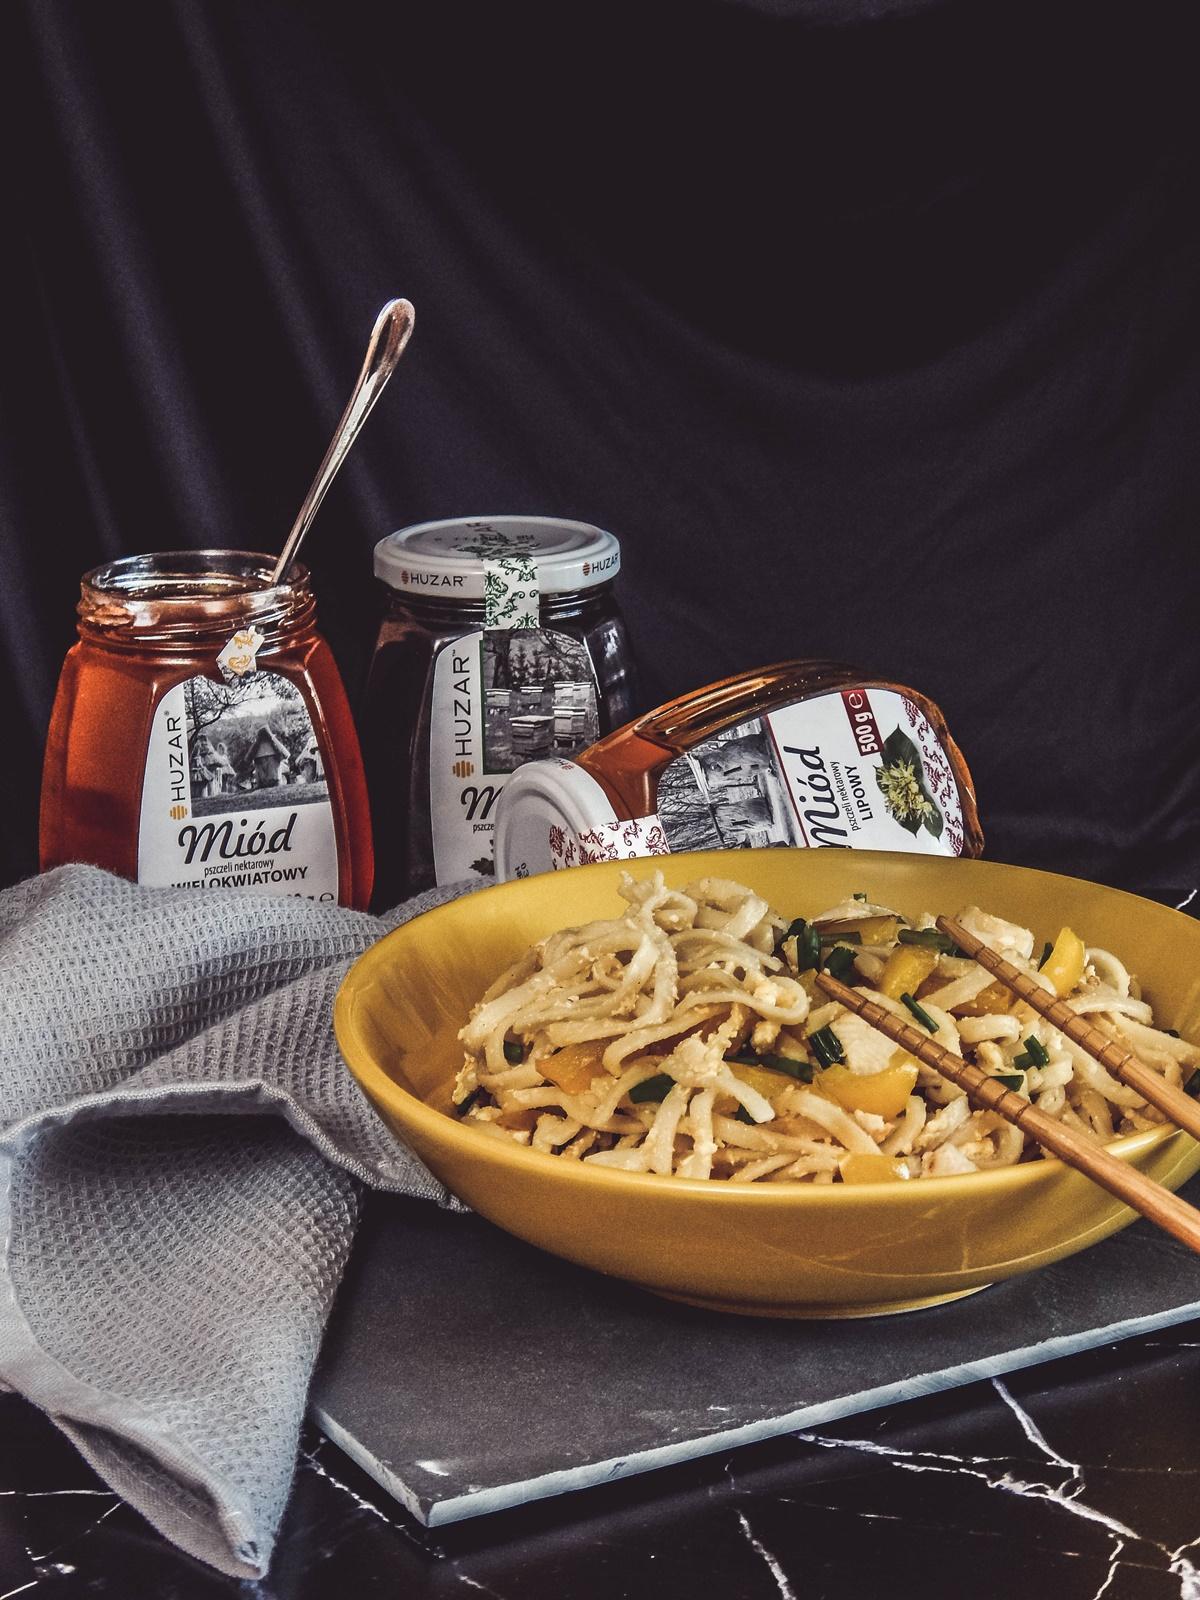 4 przepis na szybki obiad z miodem pad thai łatwy przepis szybka kuchnia azjatycka przepisy na lekki obiad z makaronem